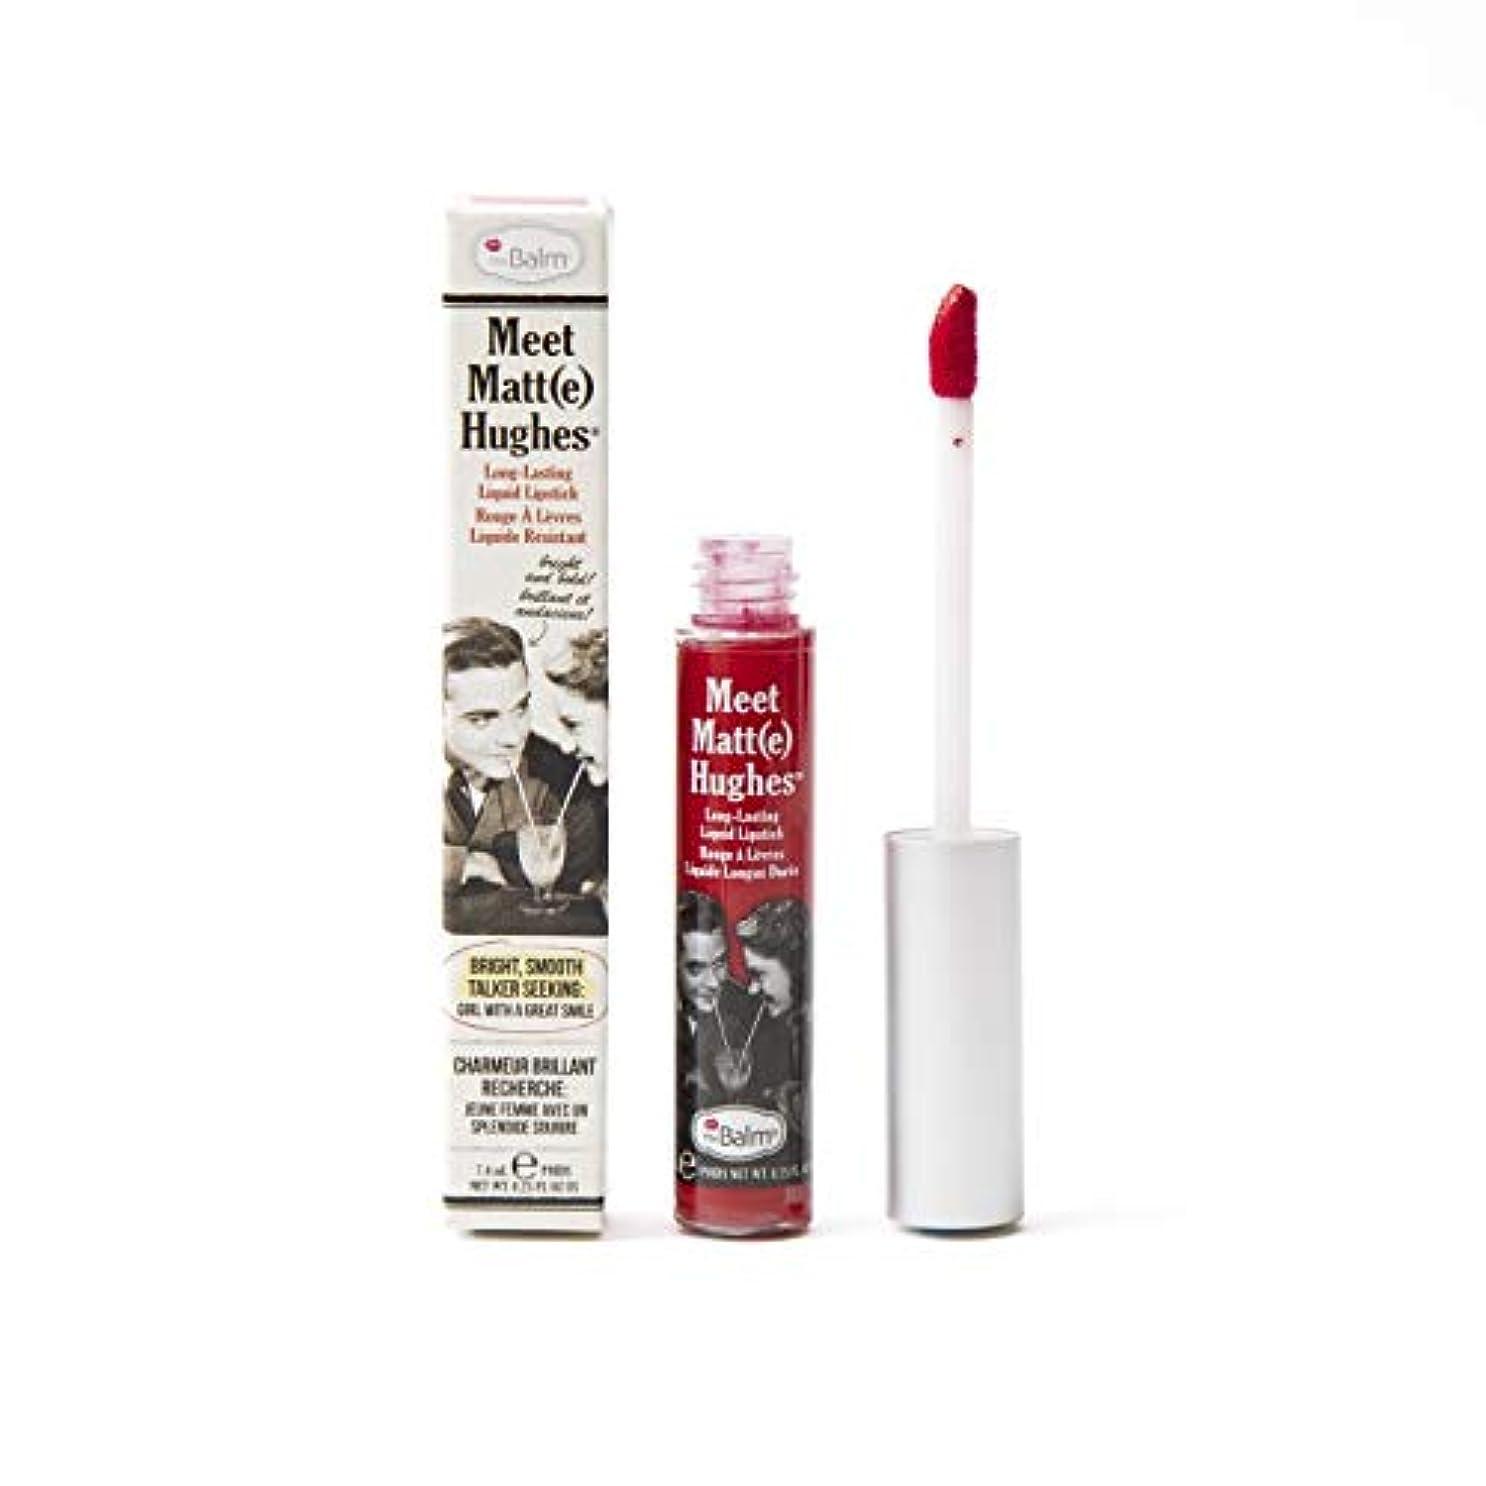 アイザックアクロバットマラソンザバーム Meet Matte Hughes Long Lasting Liquid Lipstick - Devoted 7.4ml/0.25oz並行輸入品